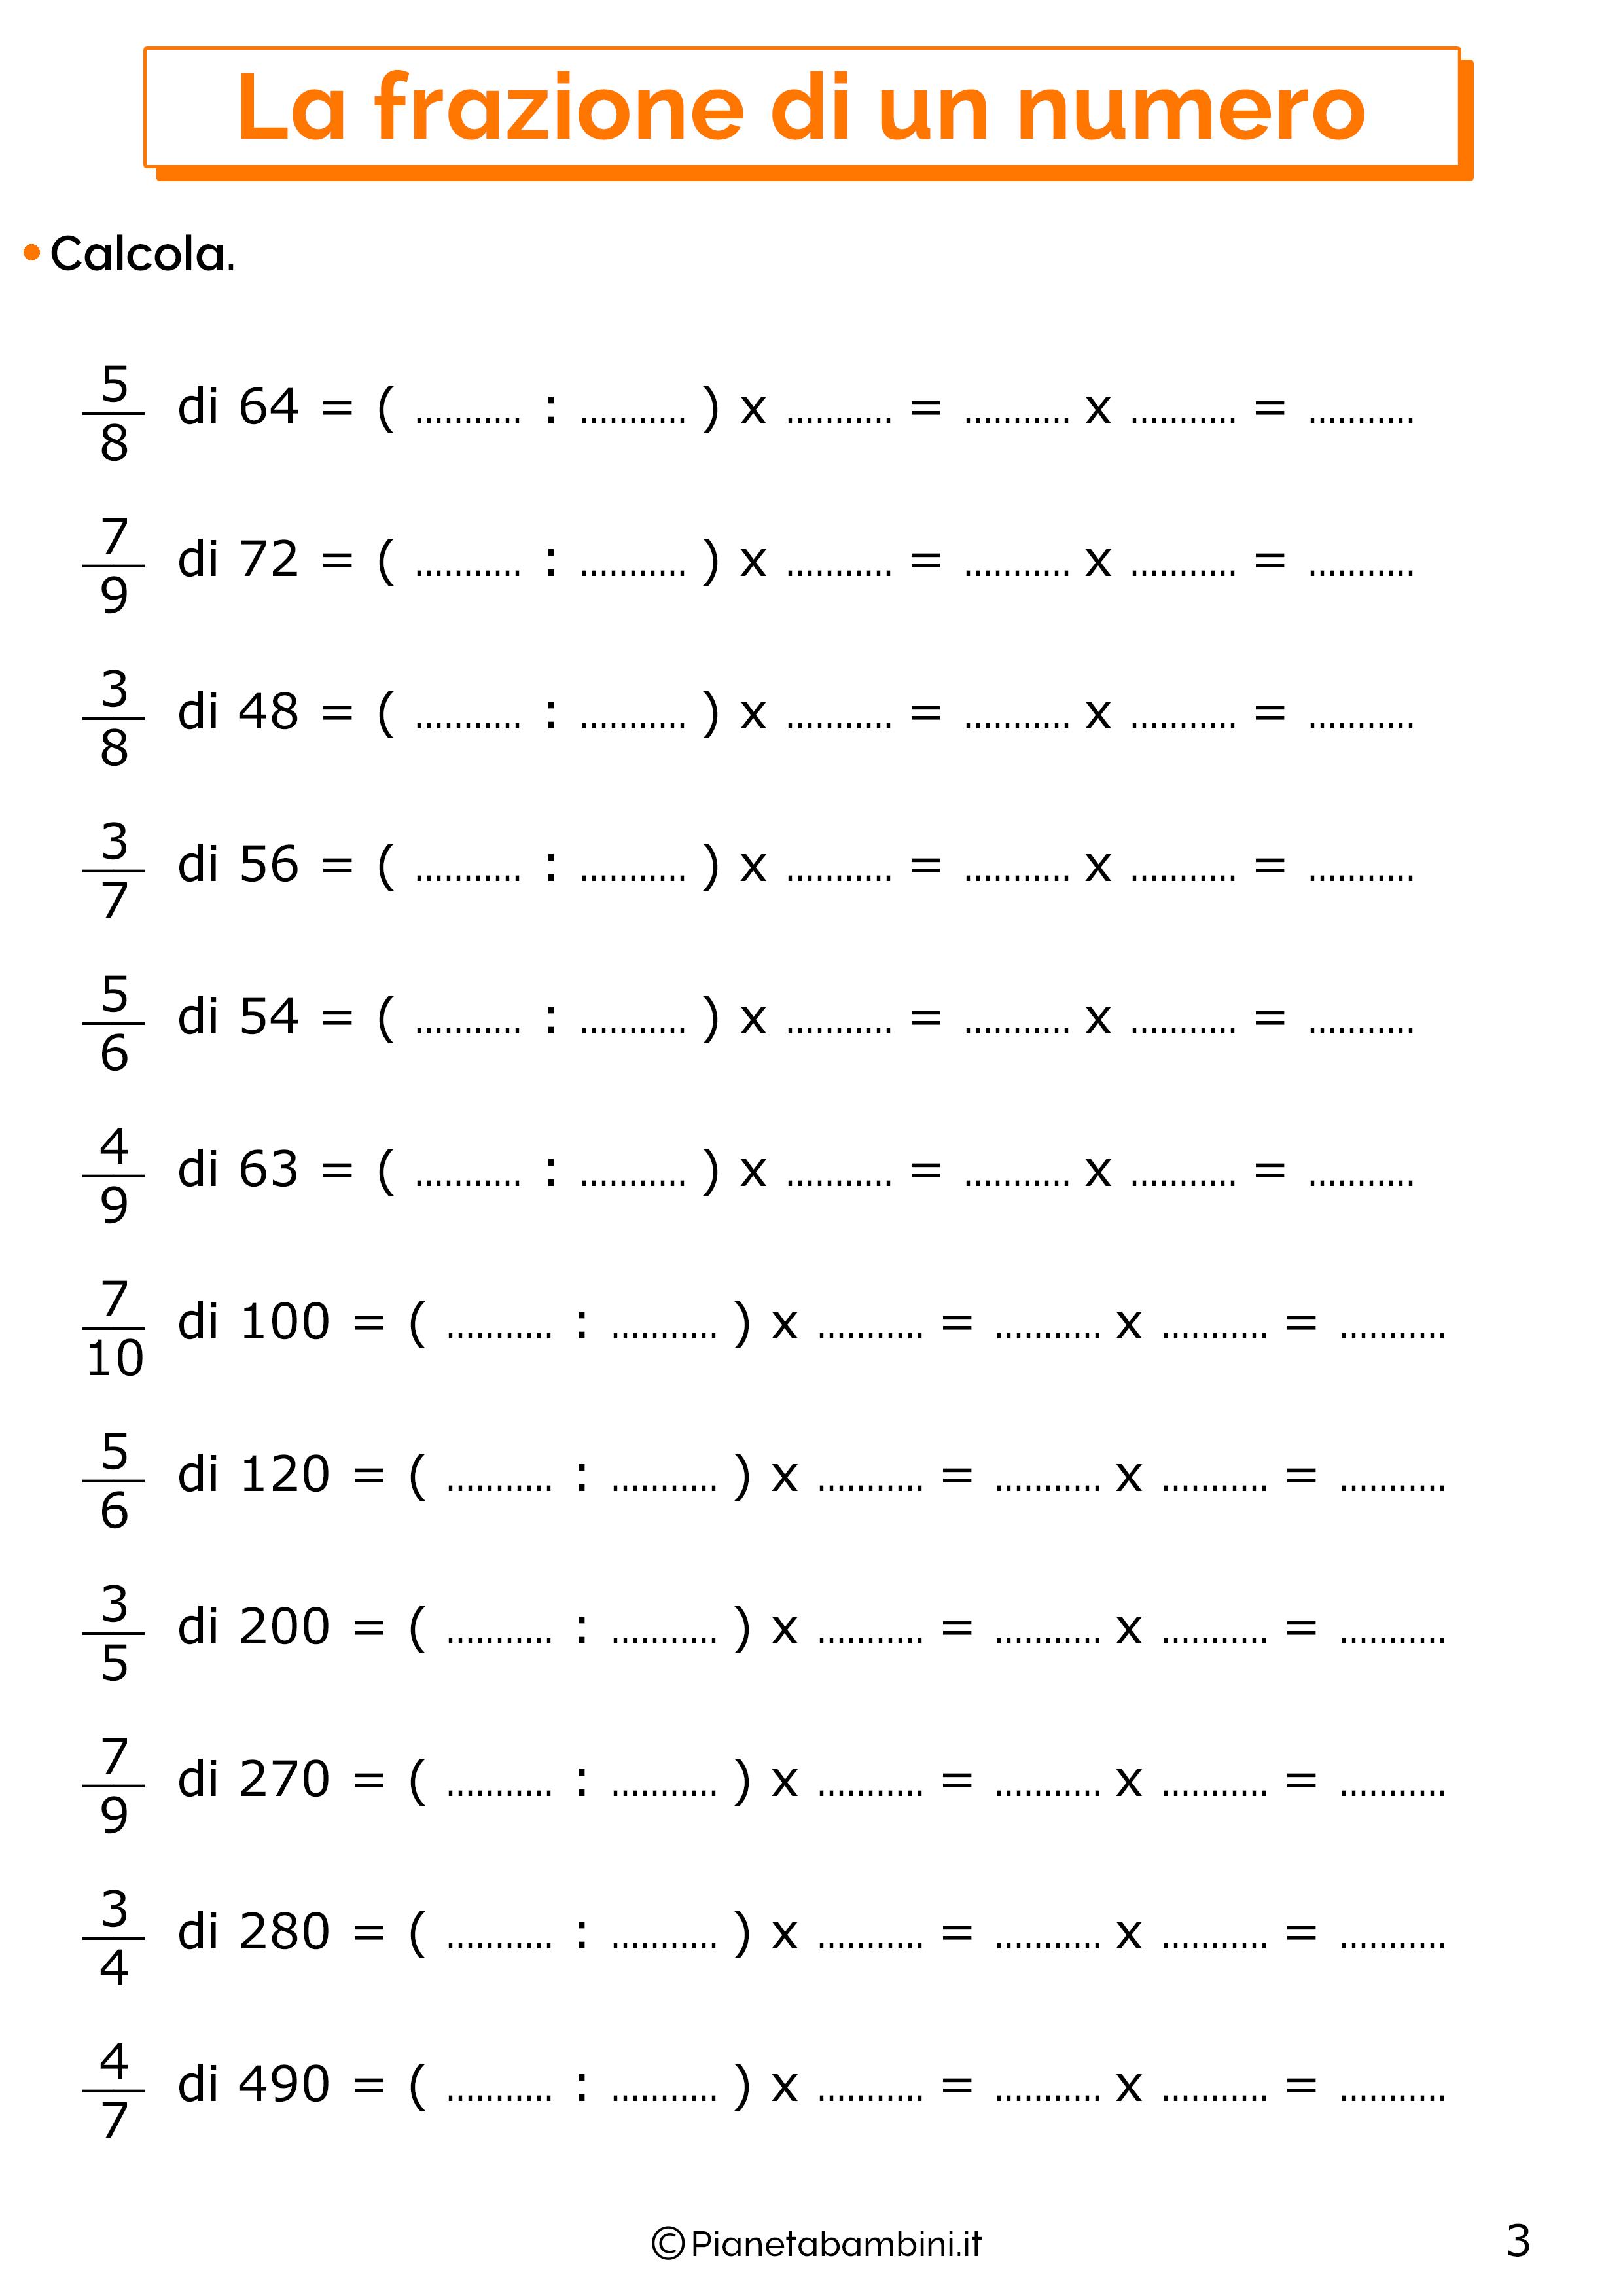 Esercizi sulla frazione di un numero 3